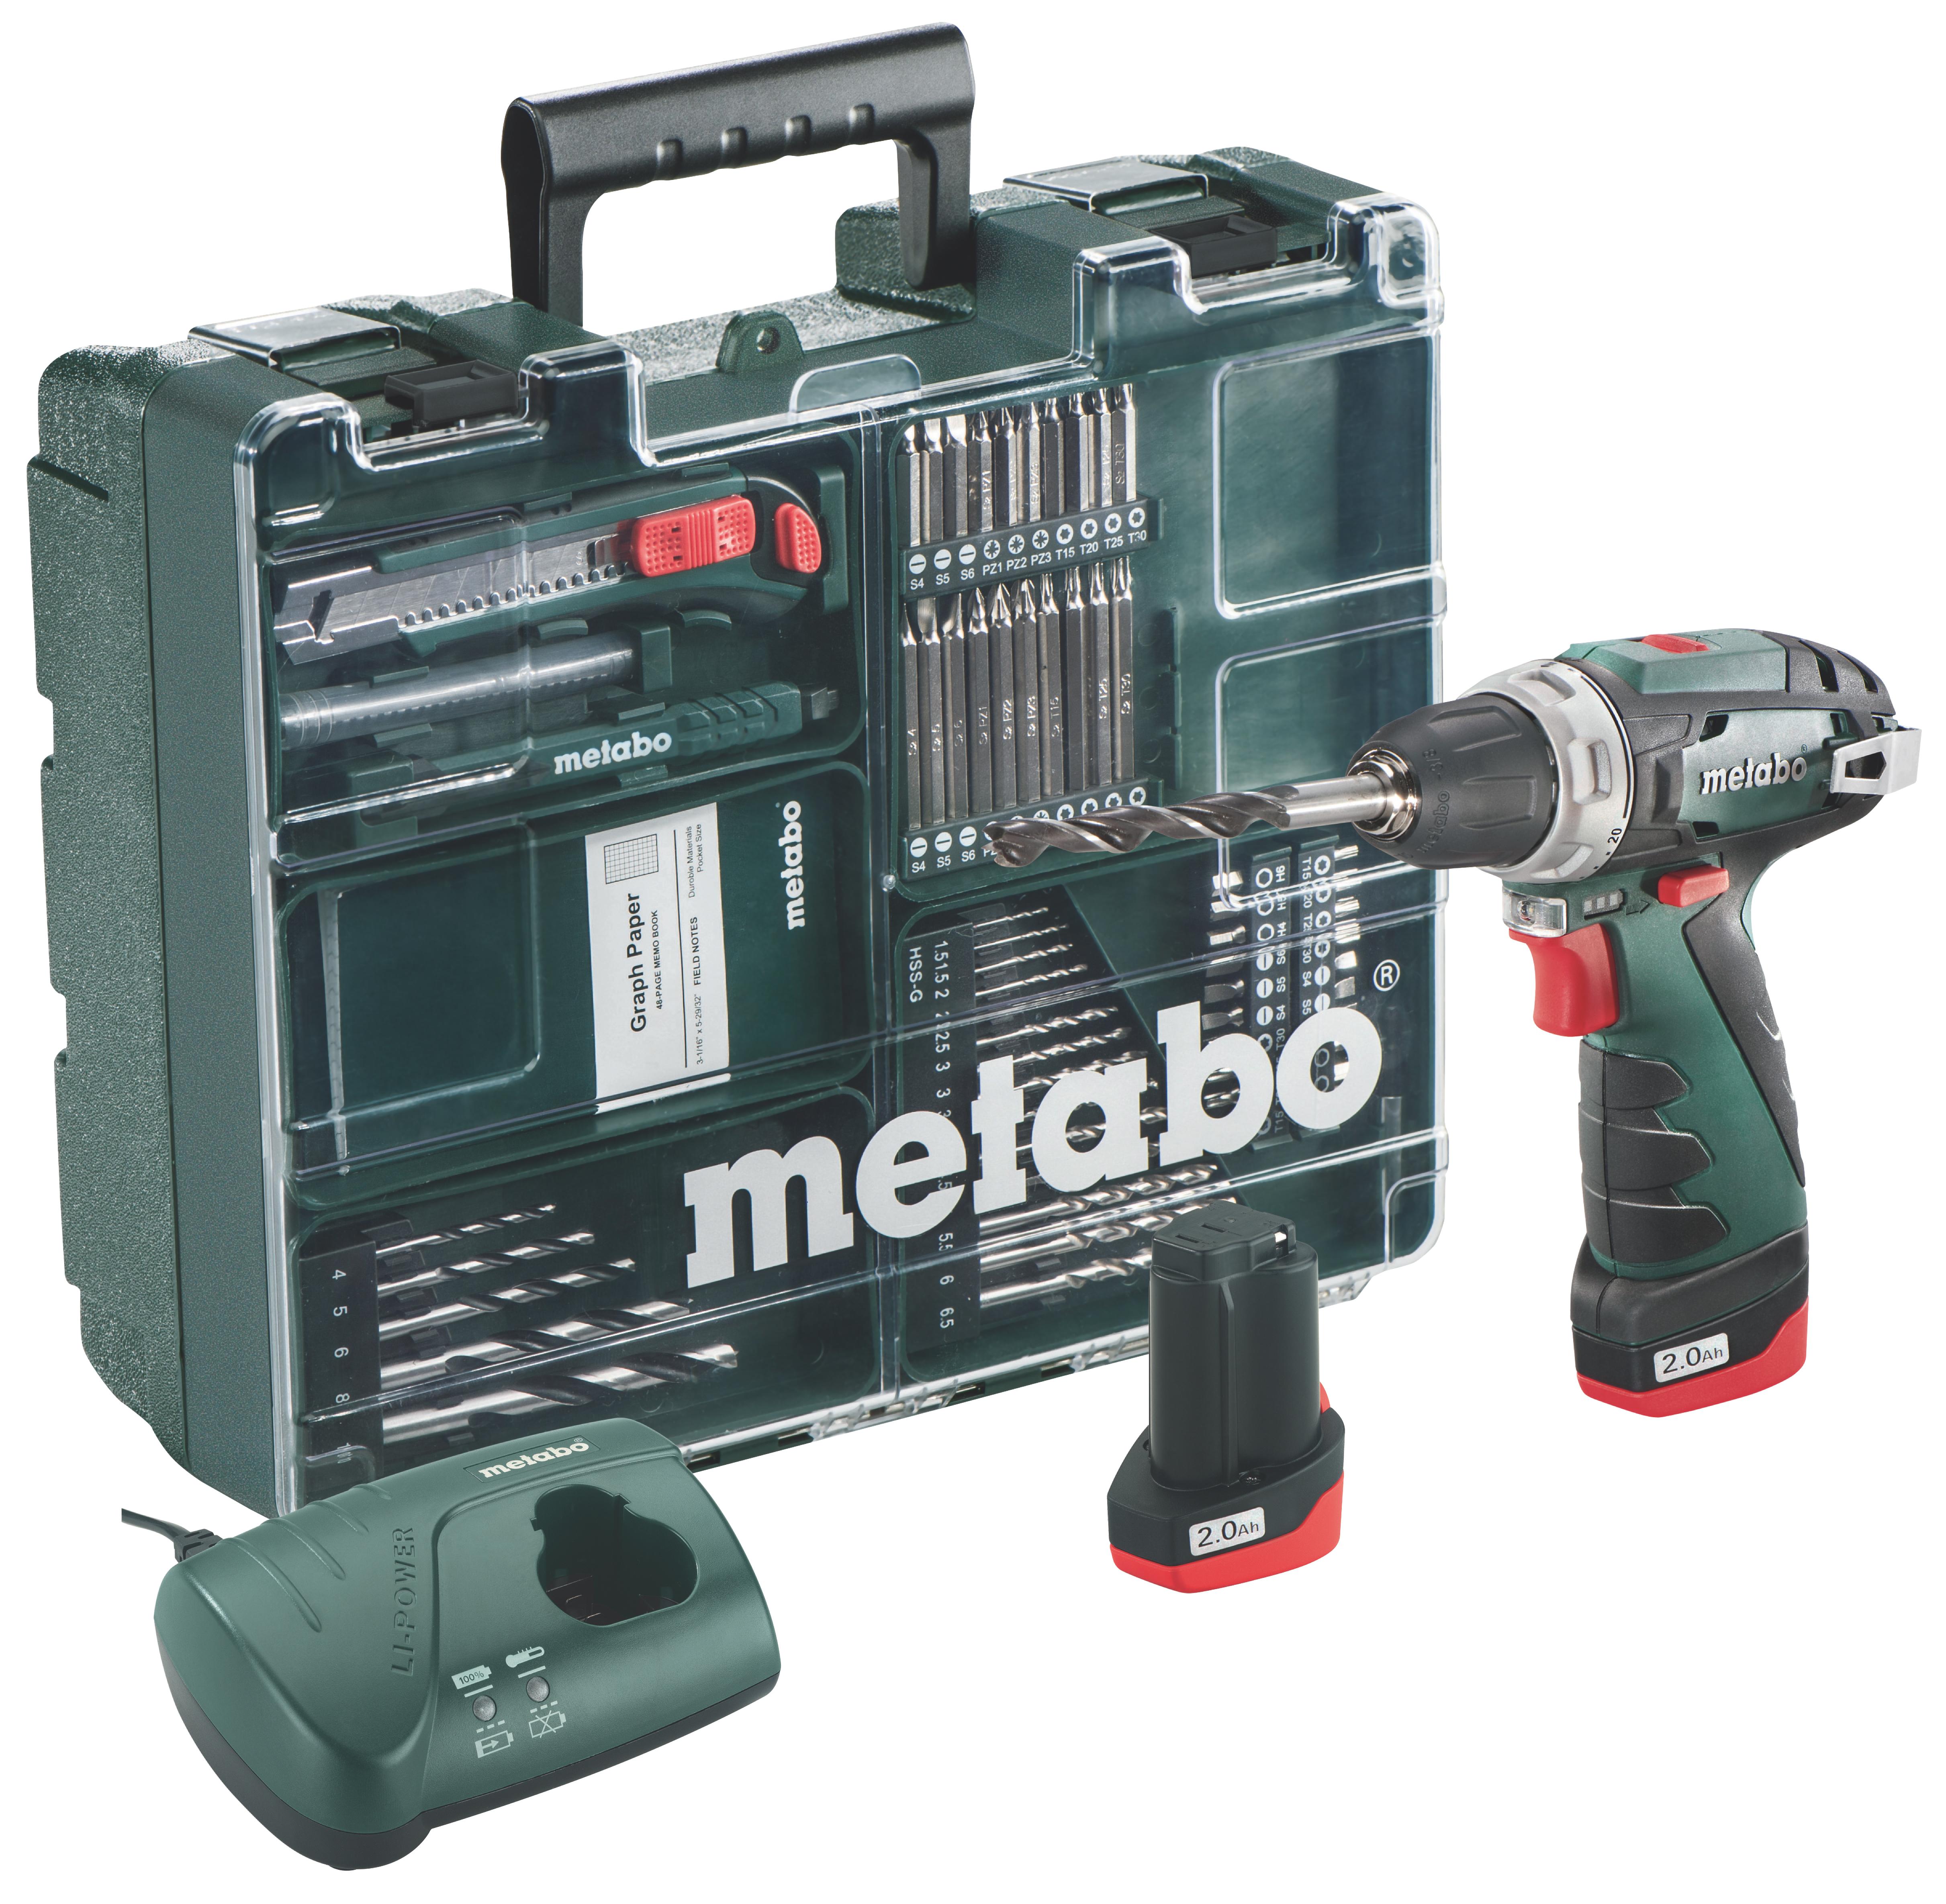 Metabo PowerMaxx BS Basic Set akkus fúró- csavarbehajtó (2 x 2.0Ah + készlet)